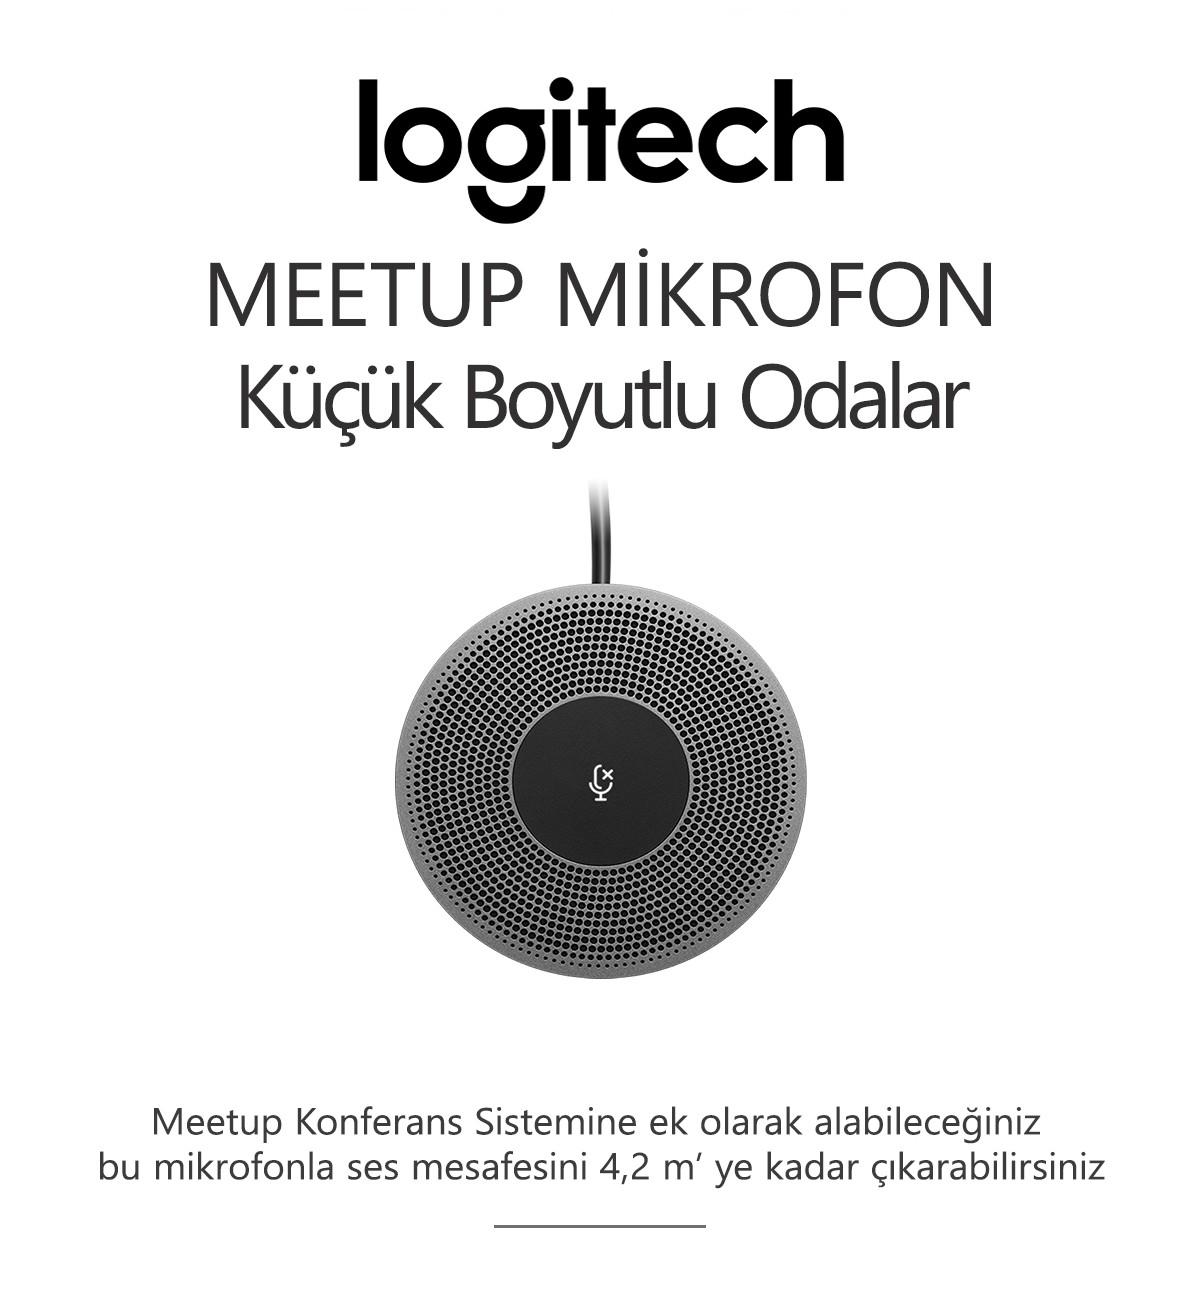 Logitech MEETUP MİKROFON